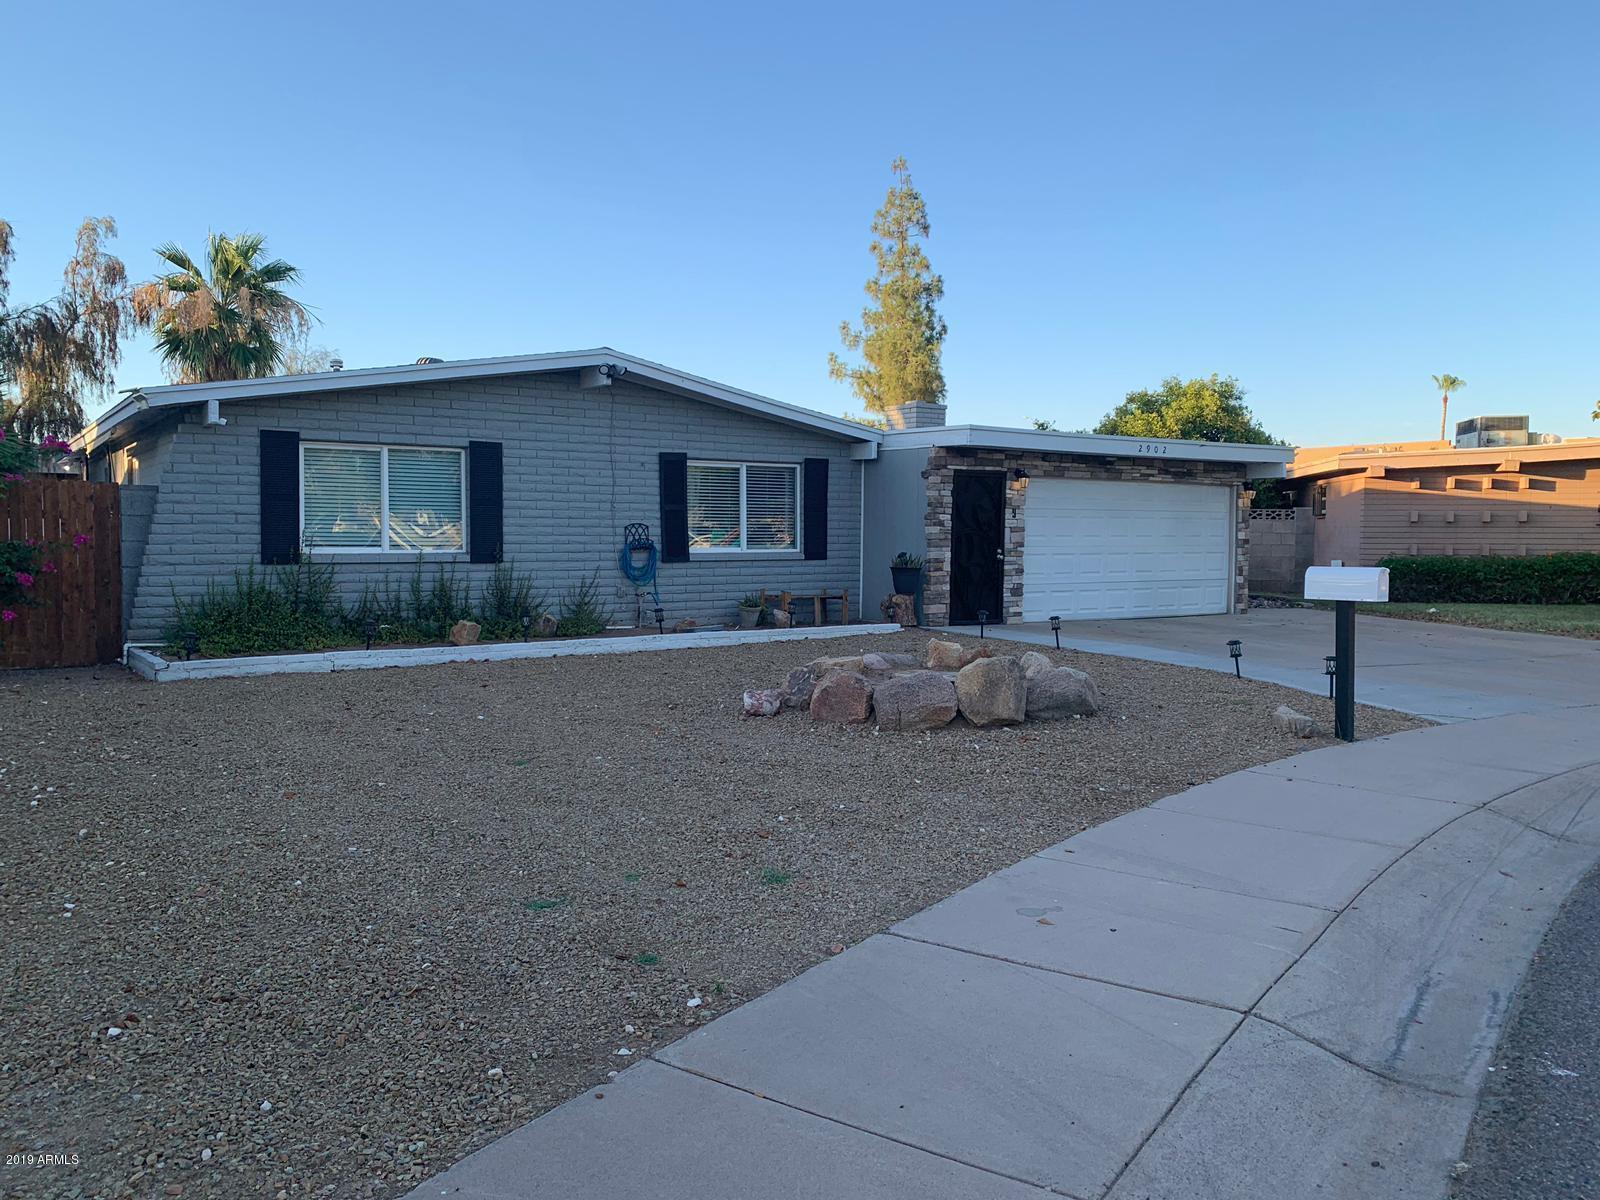 Photo of 2902 W SHAW BUTTE Drive, Phoenix, AZ 85029